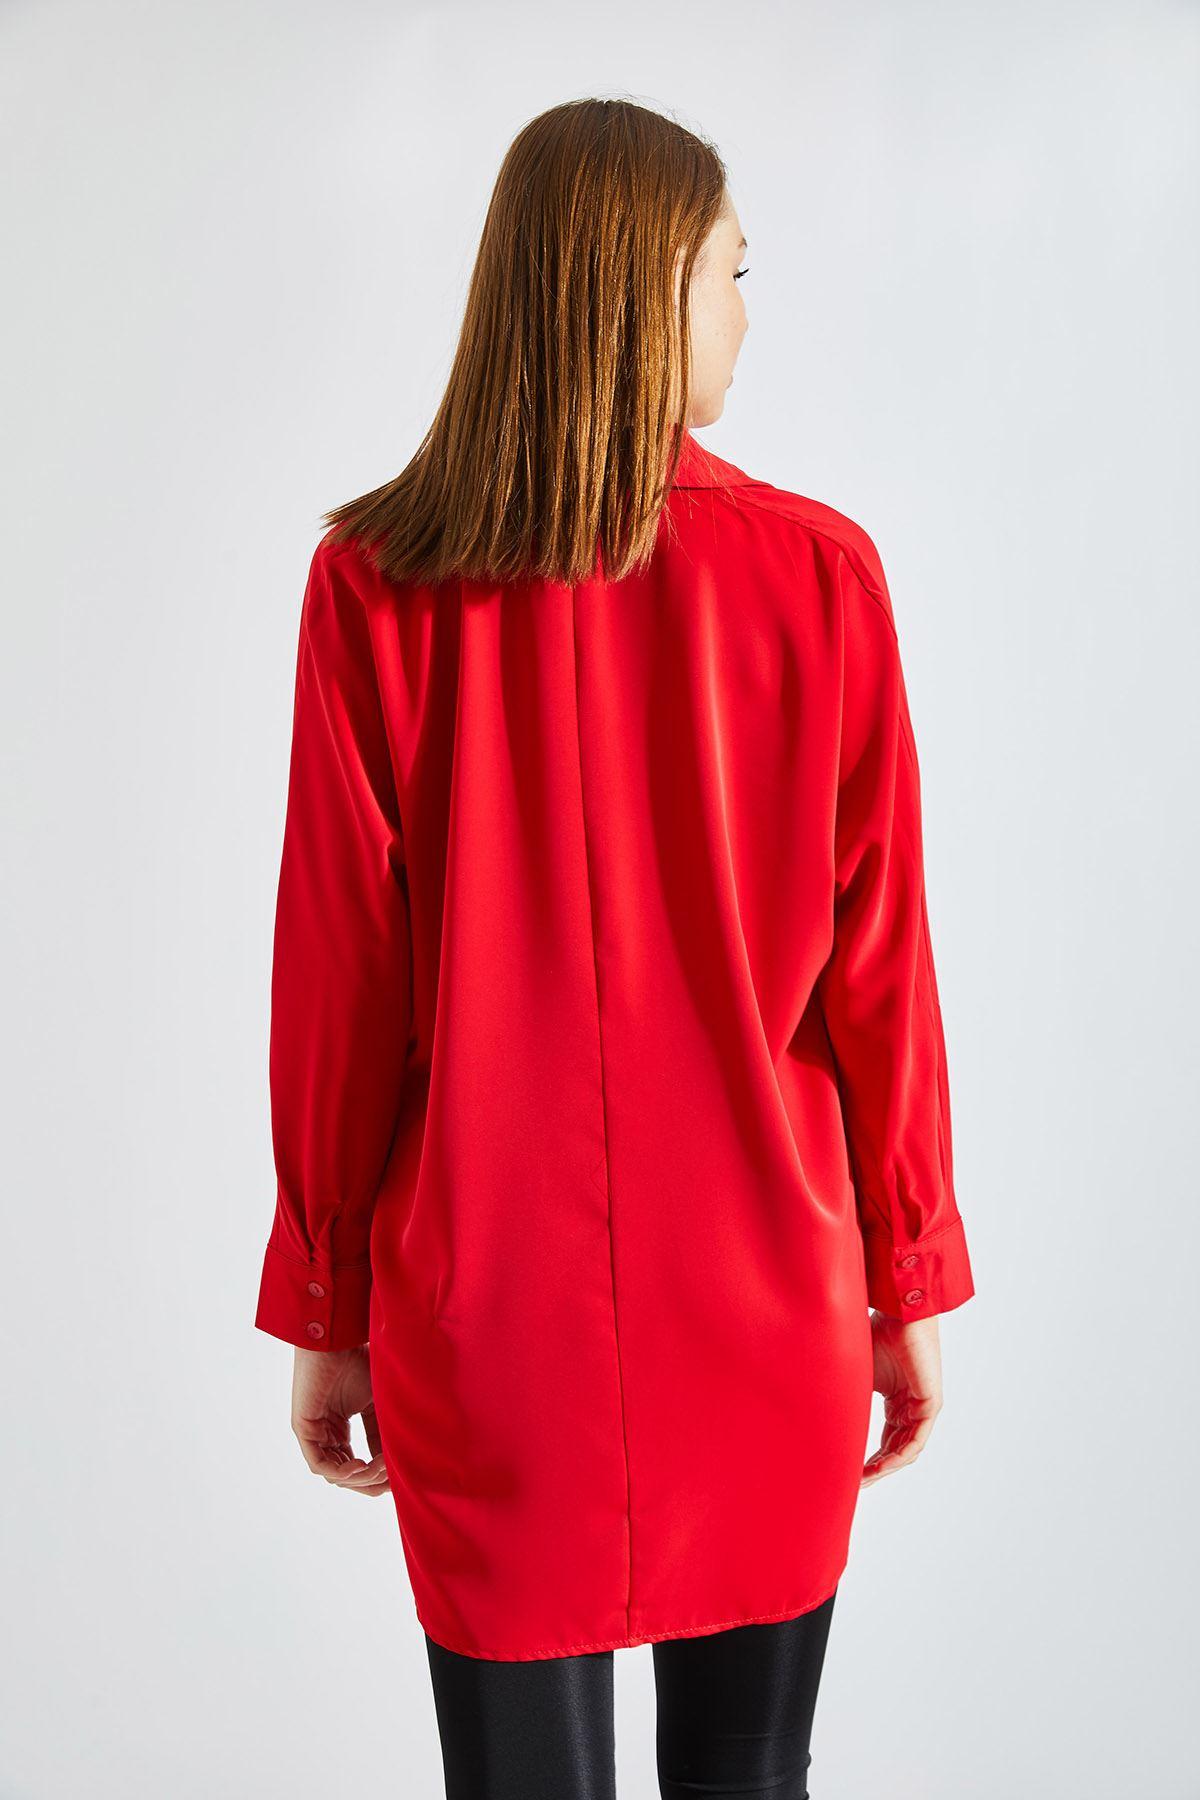 Kadın Cepli Kırmızı Gömlek